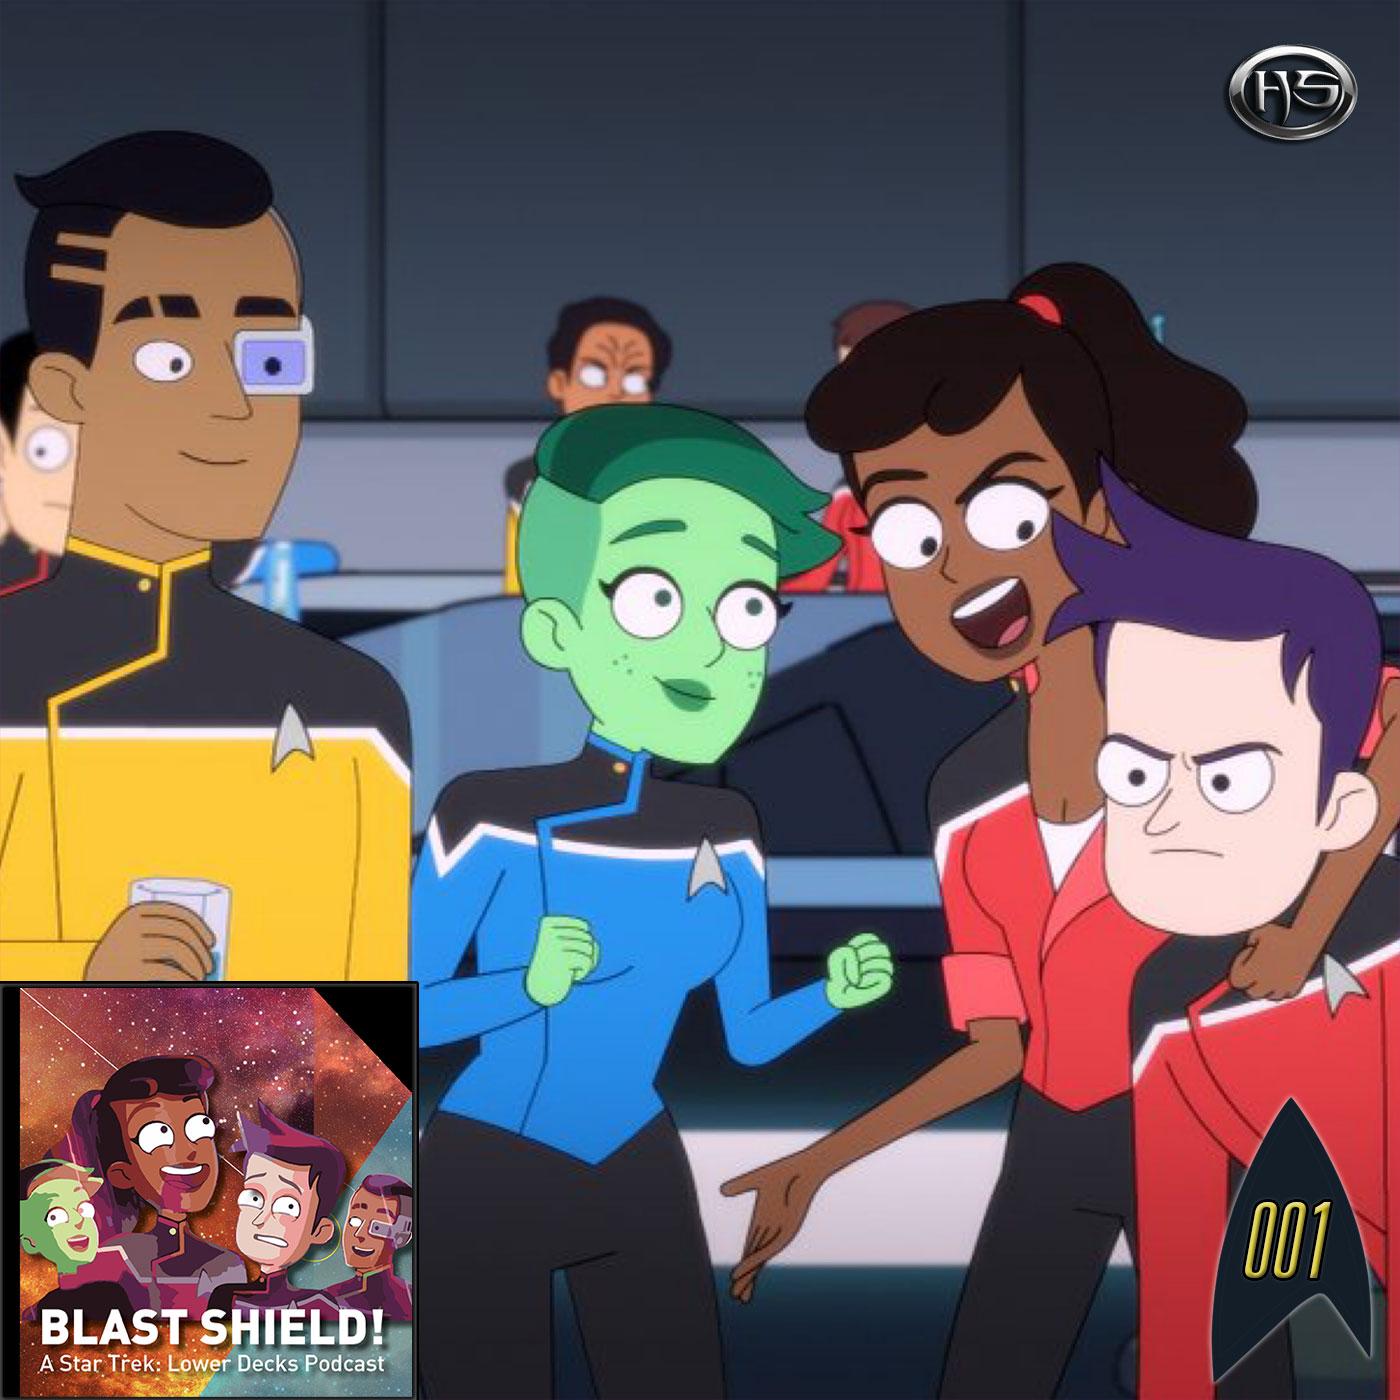 Blast Shield! Episode 0